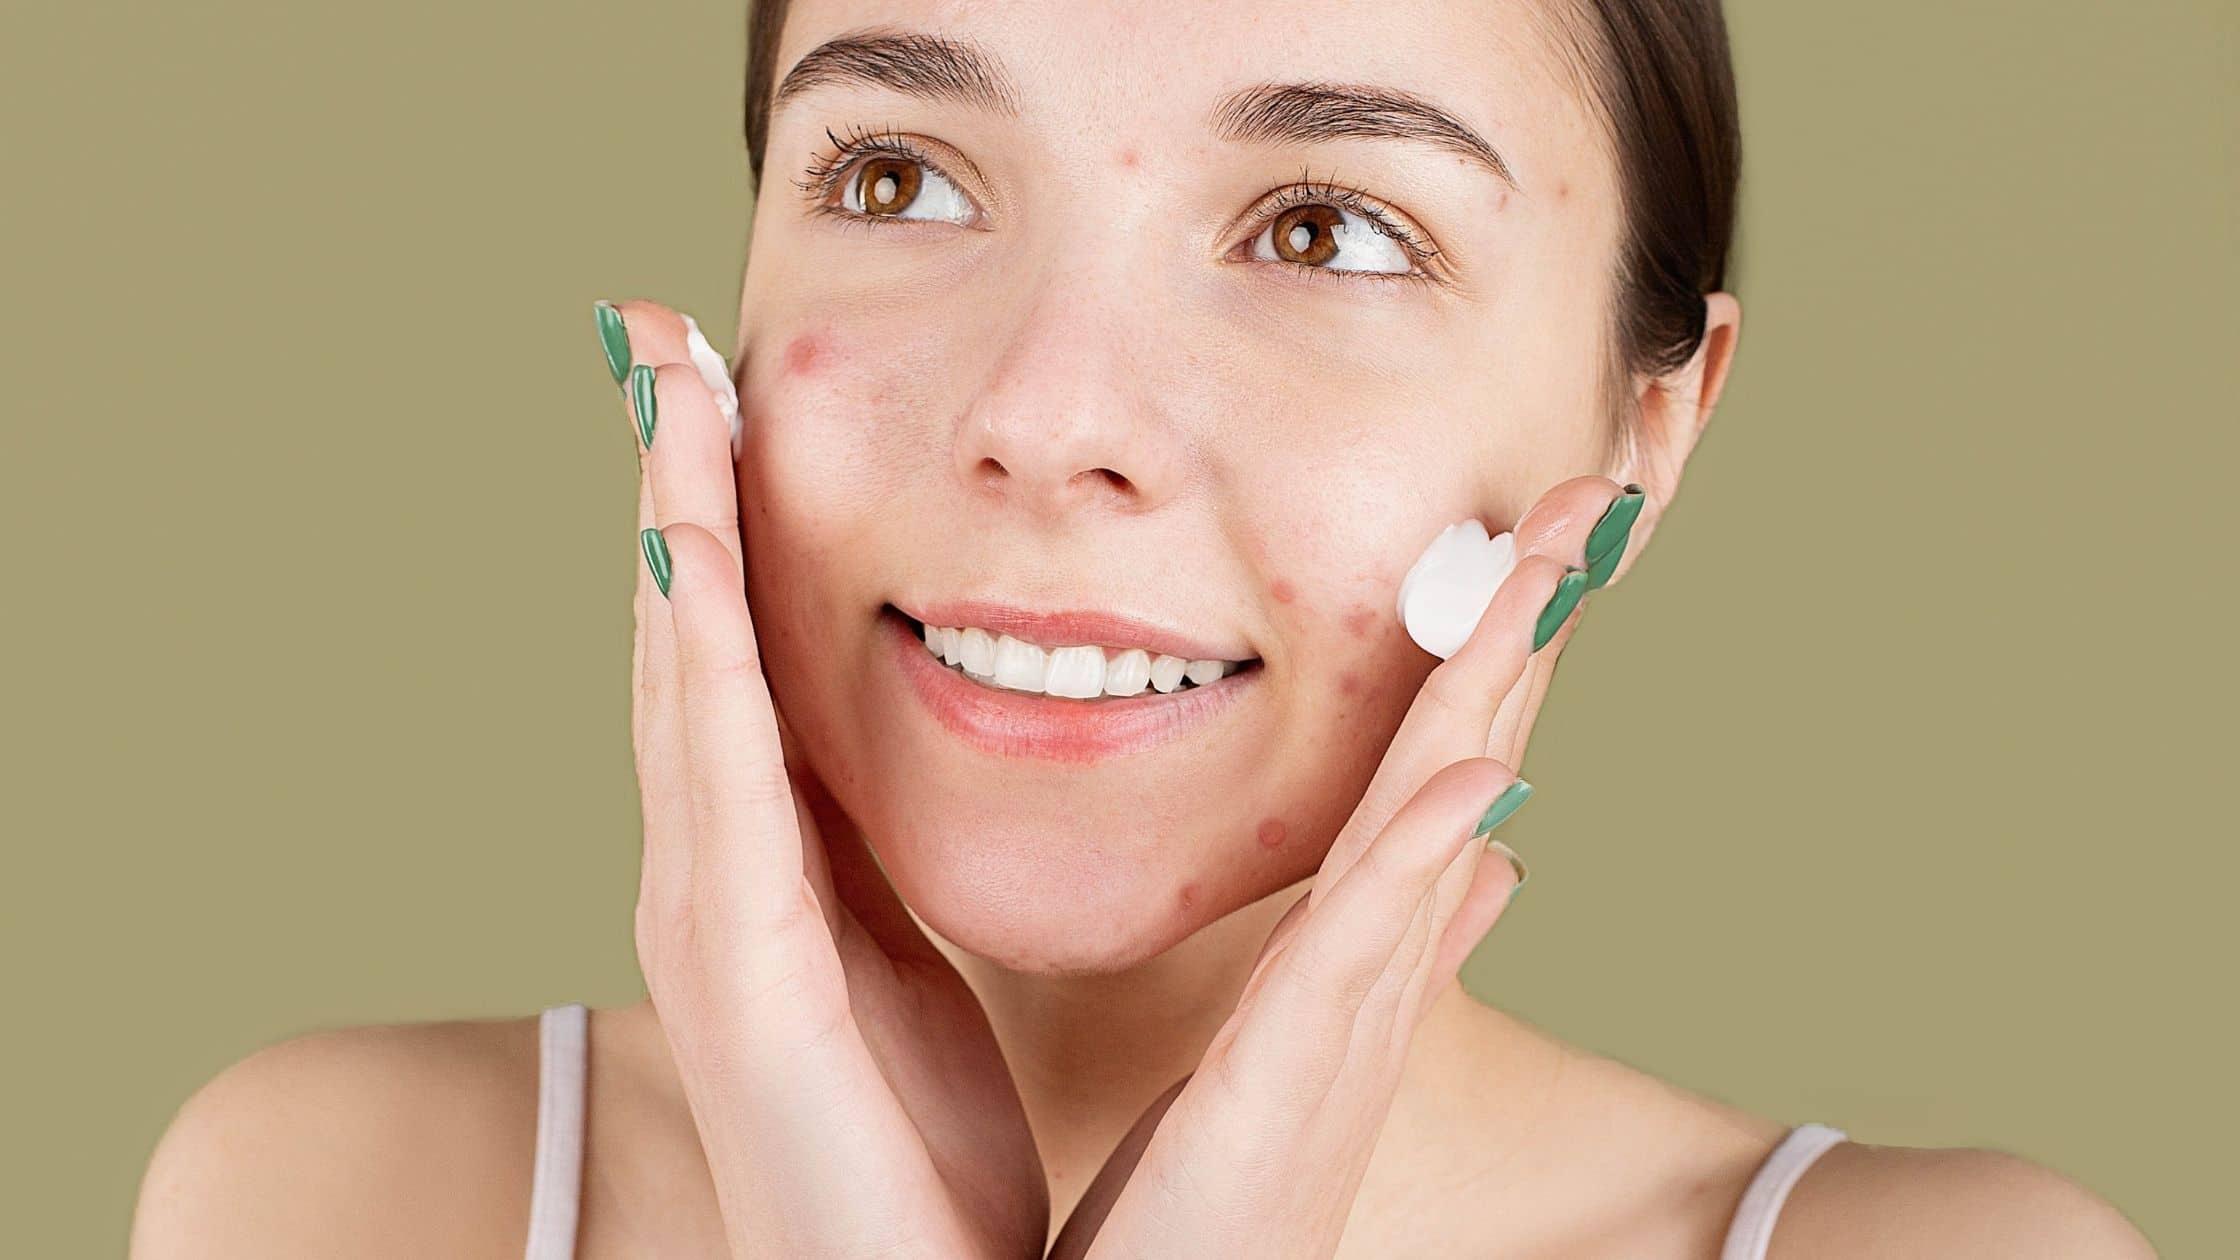 Funcionan las exfoliaciones quimicas para las cicatrices del acne